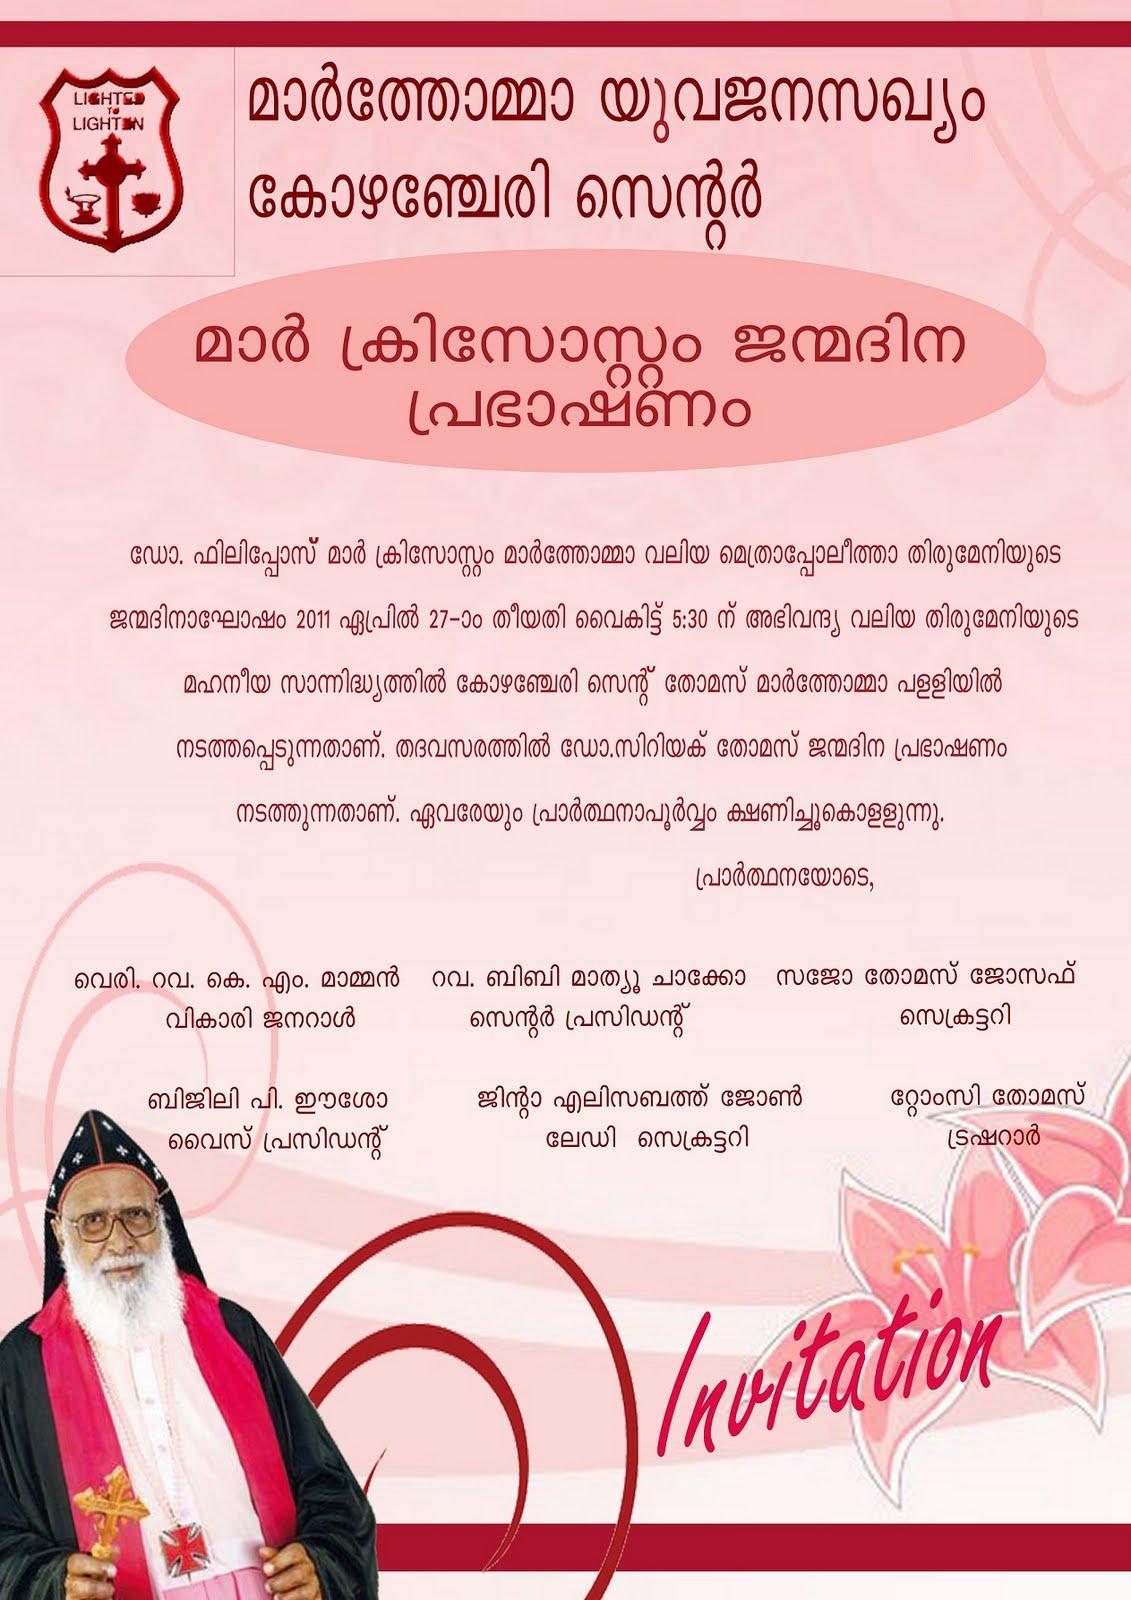 Mar Thoma Yuvajana Sakhyam Kozhencherry Centre: April 2011